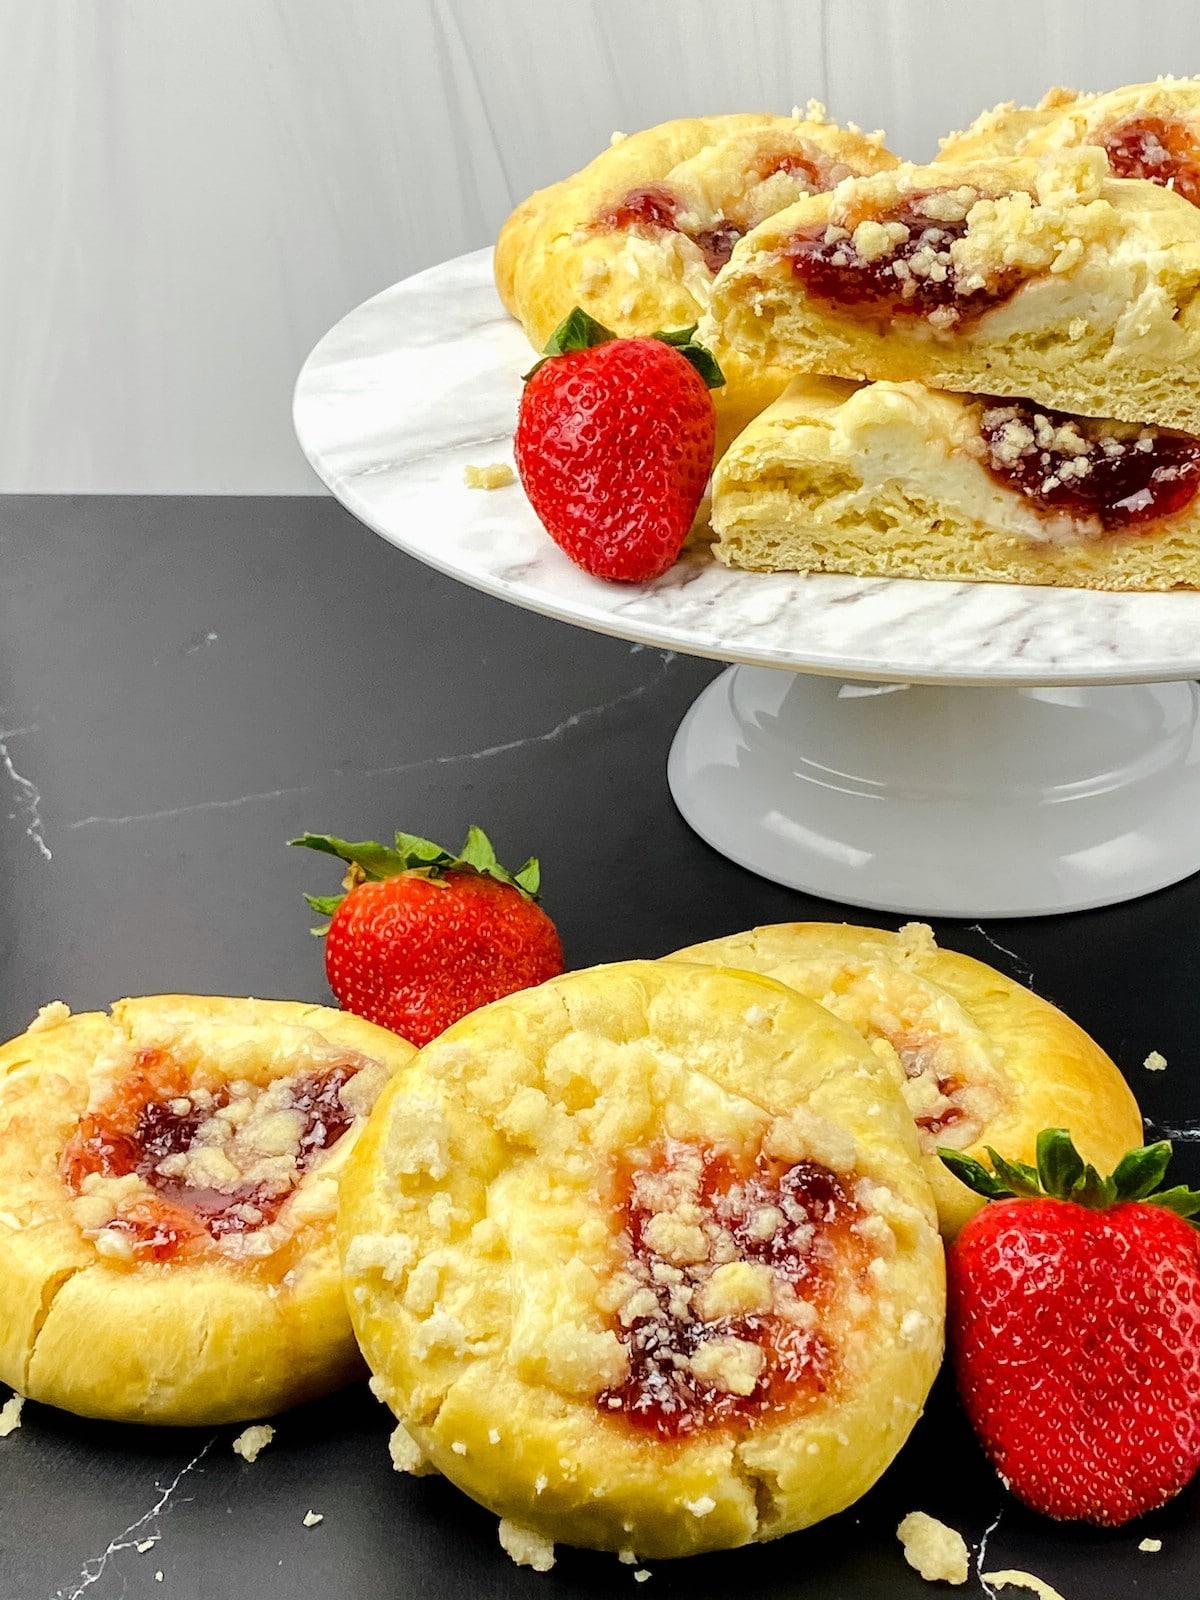 Strawberry cream cheese danish on white cake stand